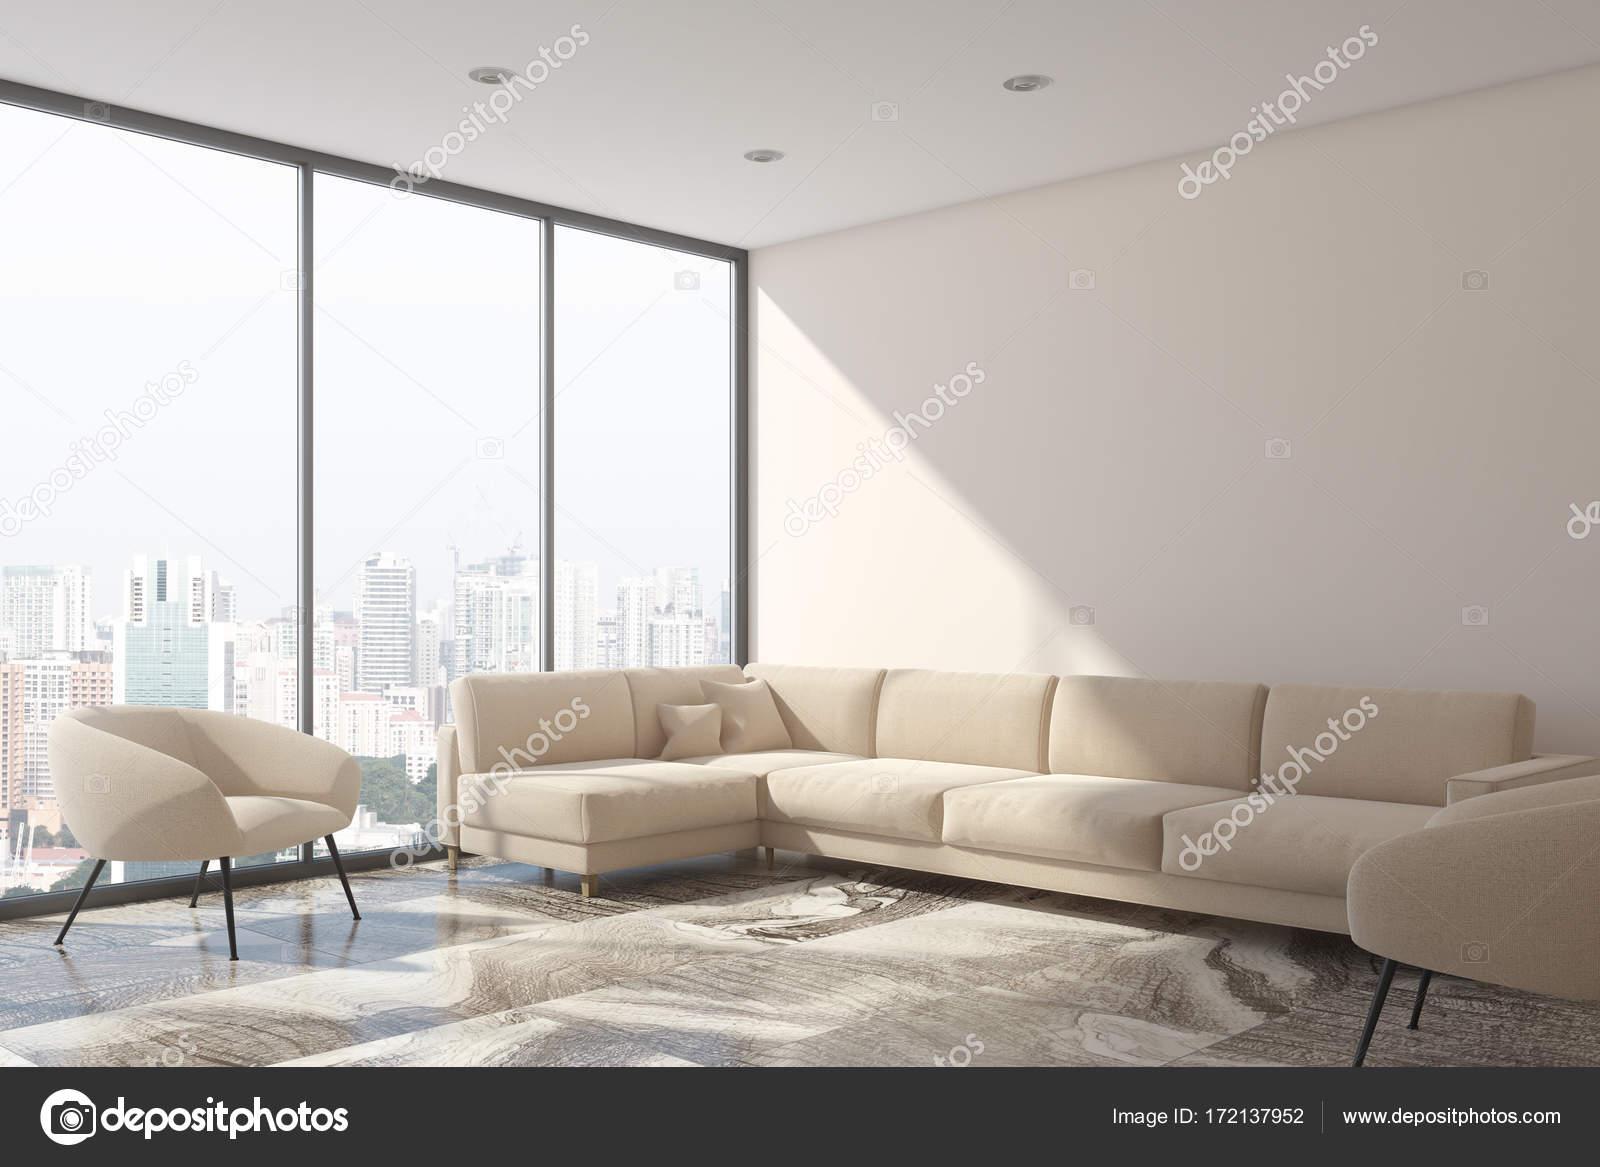 Weiße Wohnzimmer Ecke Mit Einem Beigen Sofa Und Zwei Sesseln. Ein  Panoramafenster Mit Einem Stadtbild. 3D Rendering Mock Up U2014 Foto Von  Denisismagilov